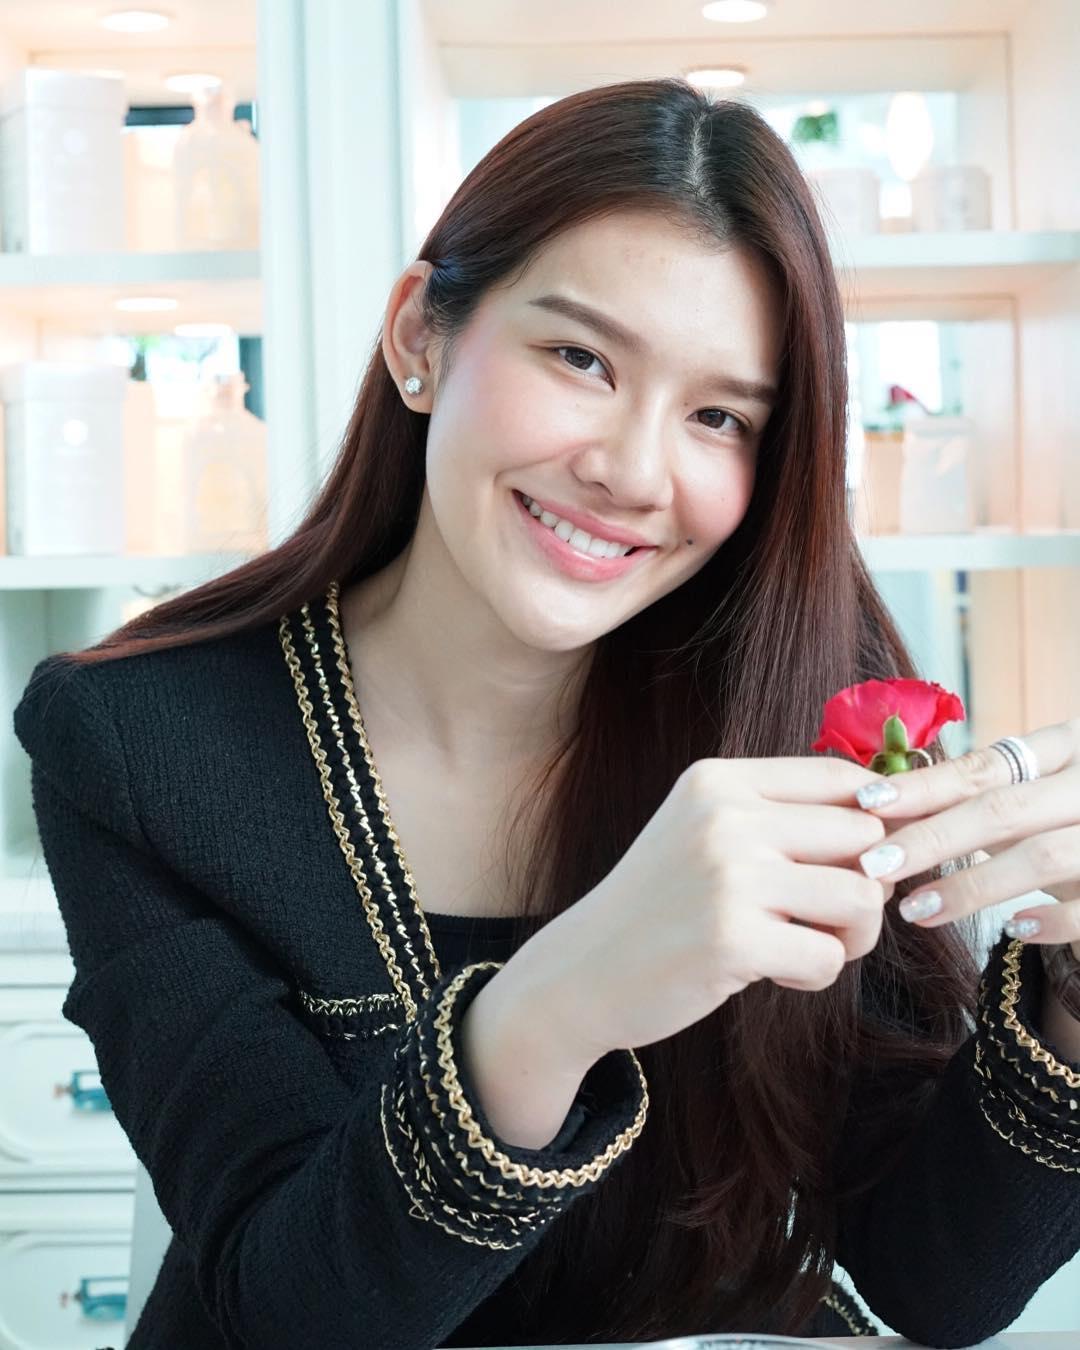 ส่องความสวย จุ๊บจิ๊บ ธนพร นางสาวไทยปี 59 คู่หมั้น ร.อ. ธรรมนัส พรหมเผ่า